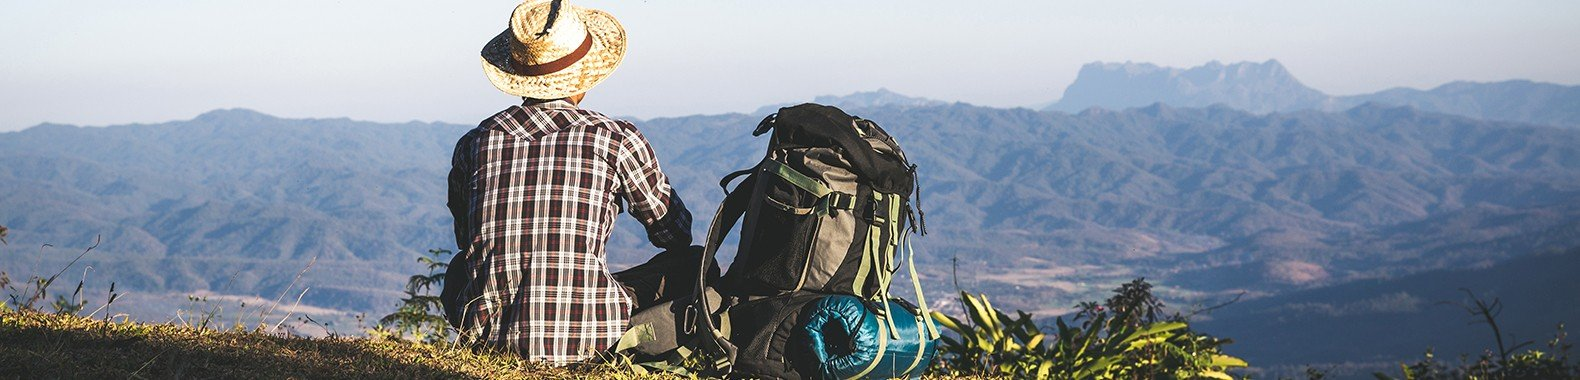 mochileiro acampar trekking caminhada escalada acampamento